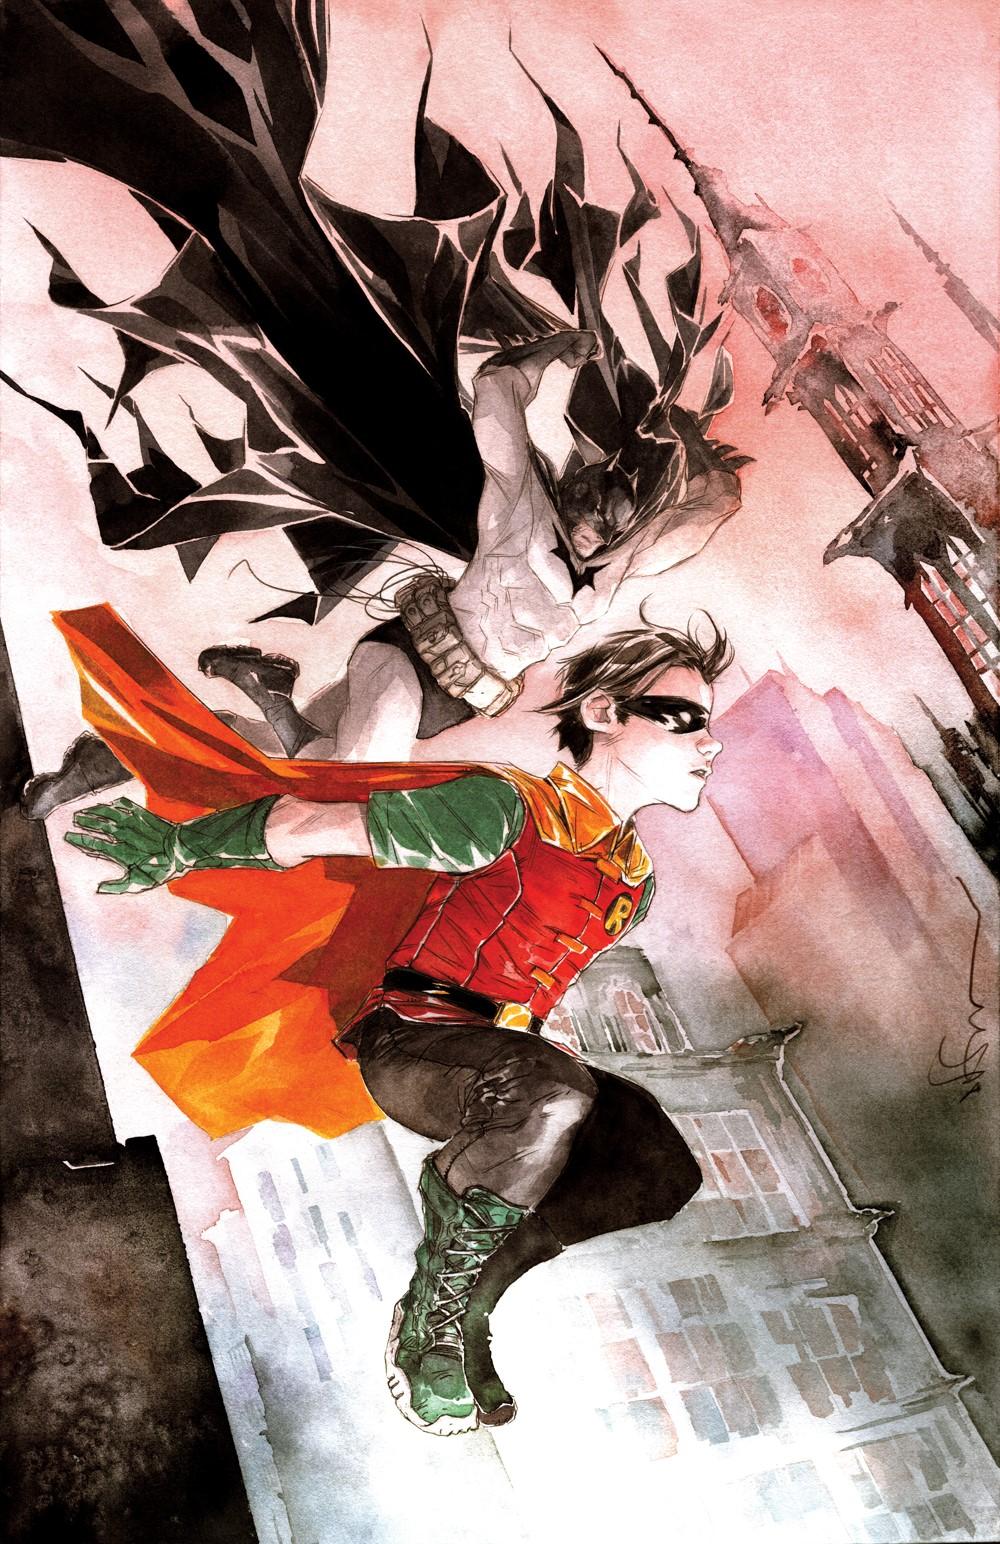 Robin-and-Batman-Cv1 DC Comics November 2021 Solicitations